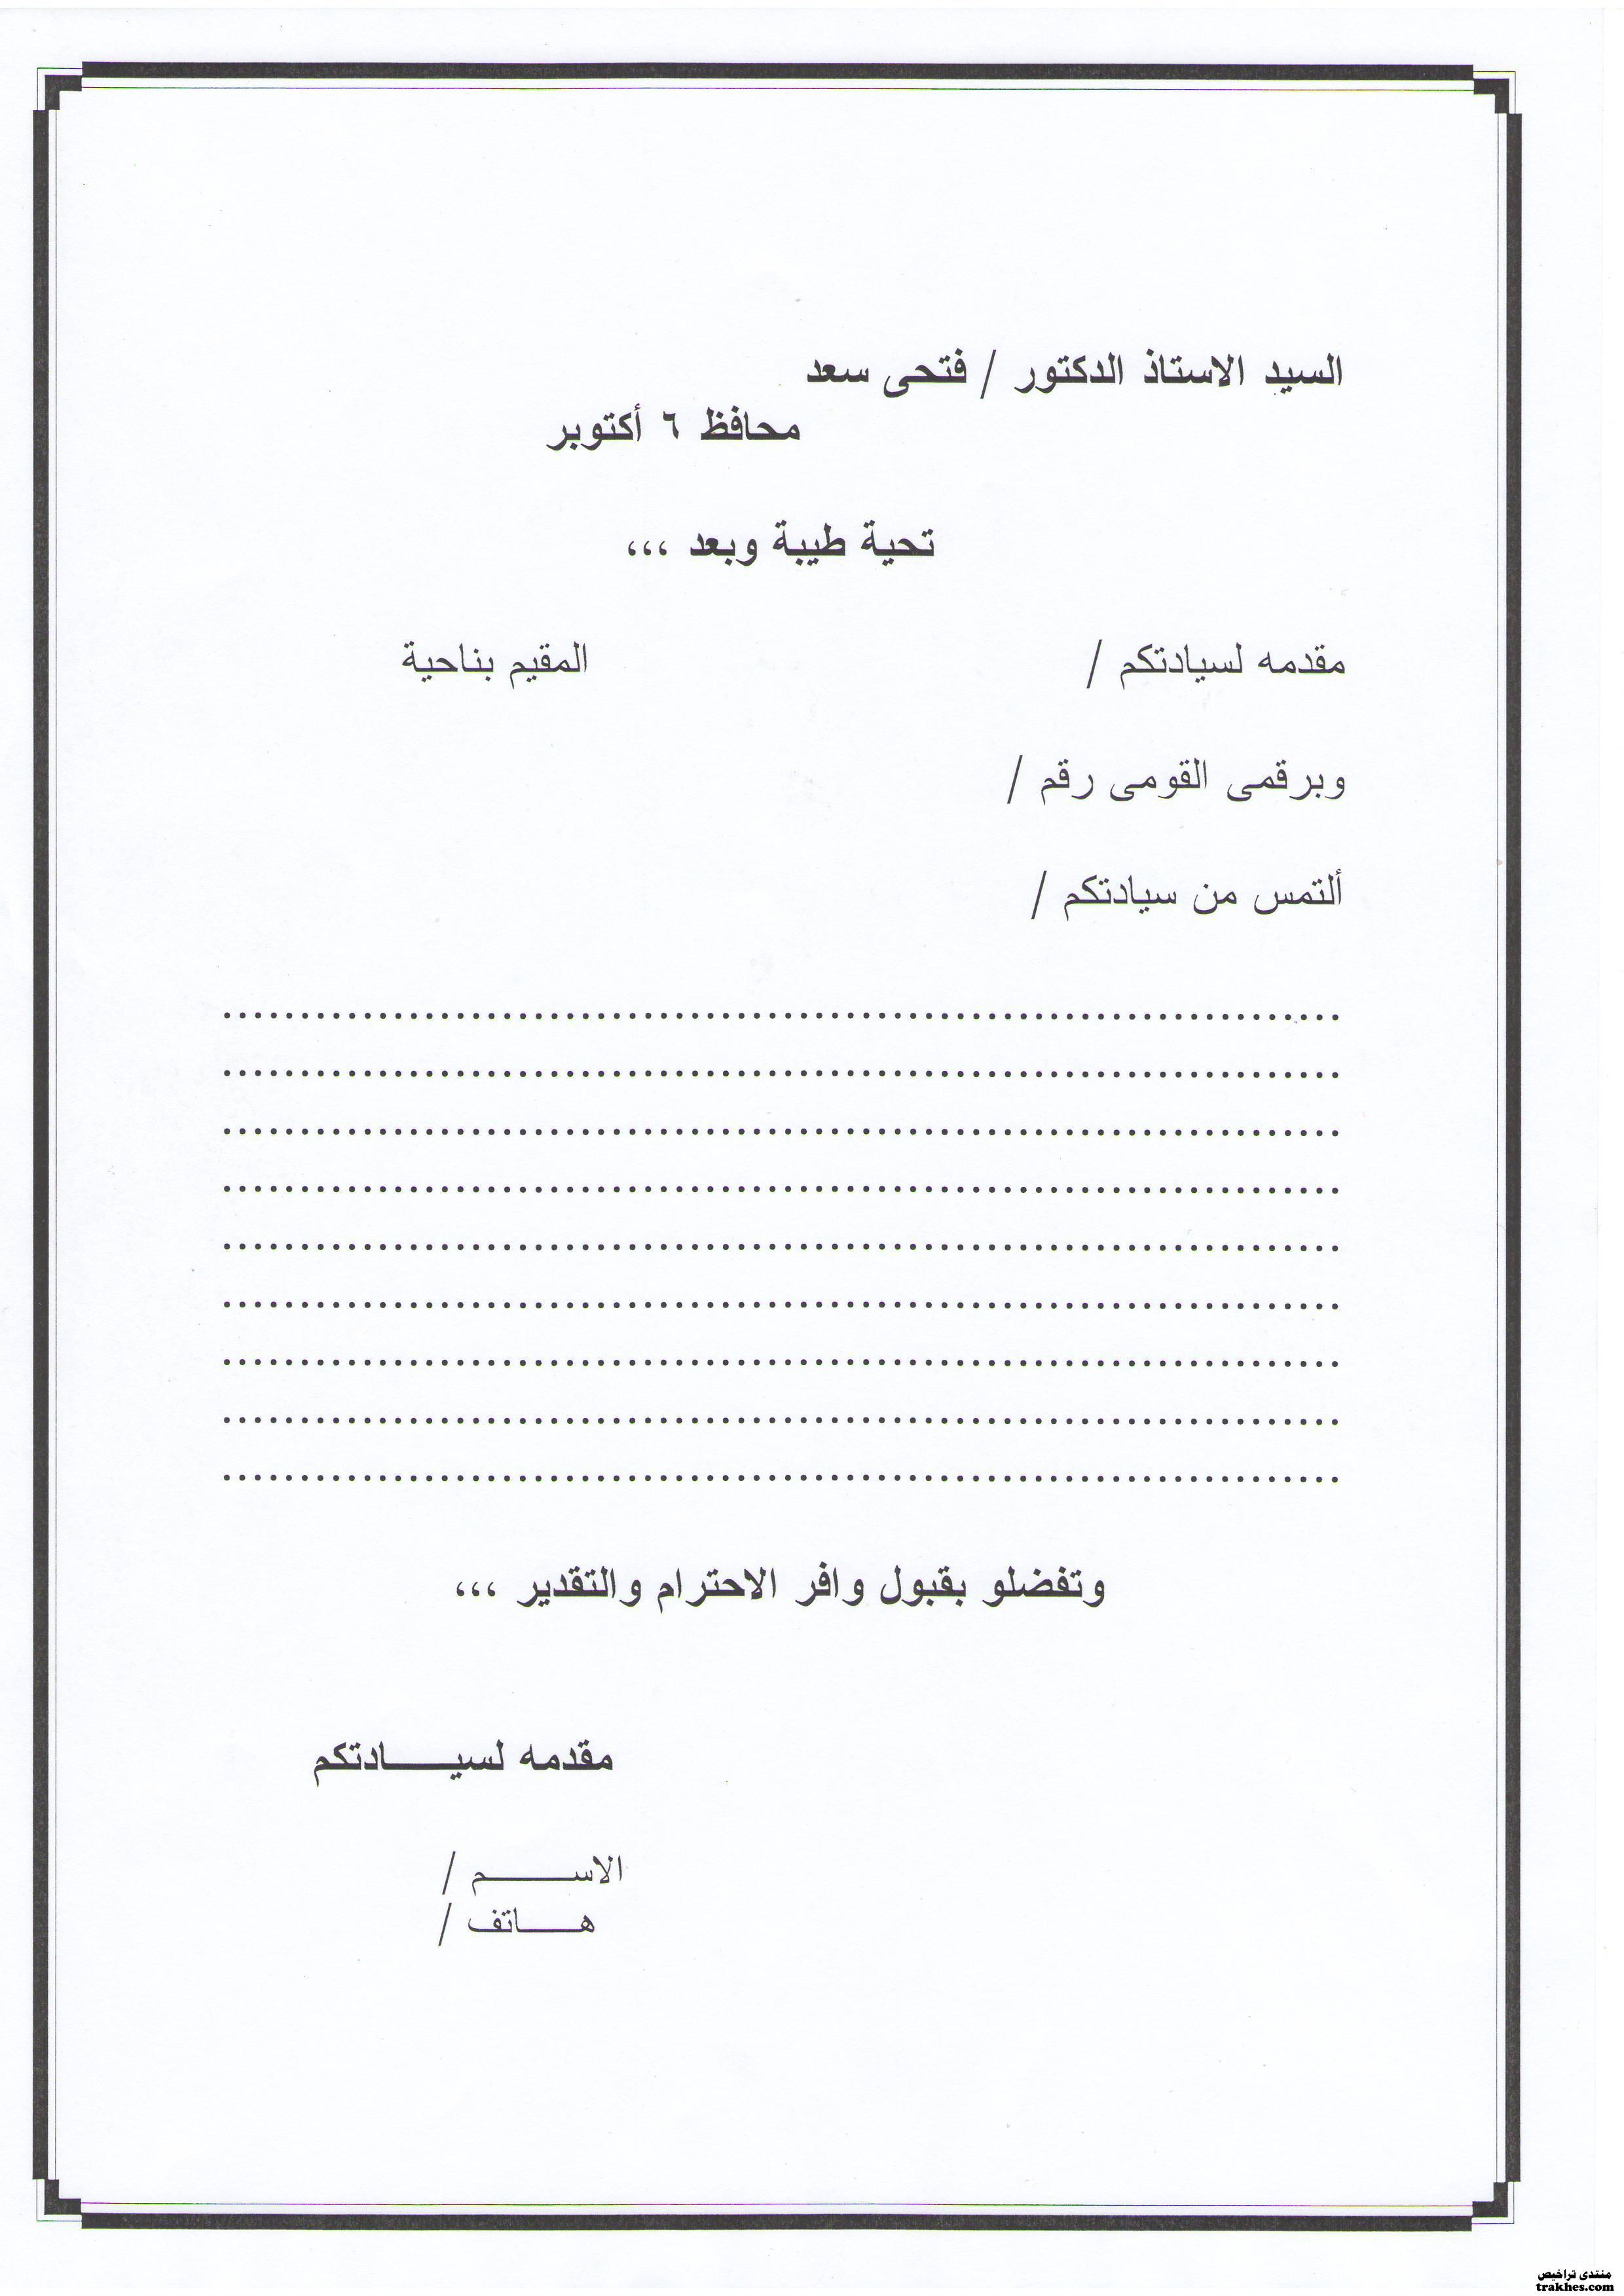 نموذج استمارة التقديم جهاز مدينة